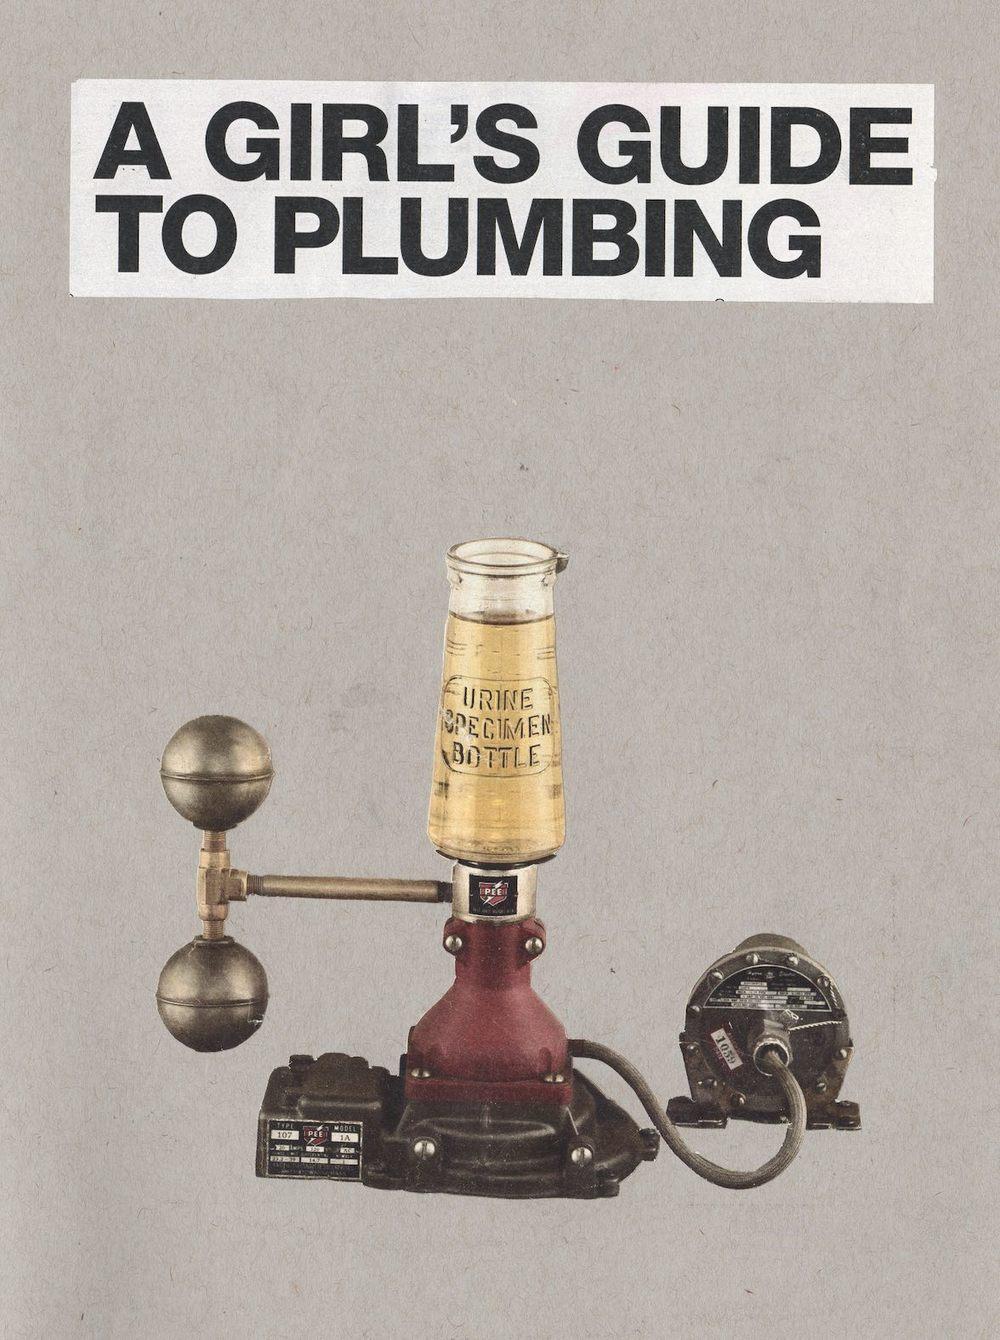 plumbing copy.jpeg